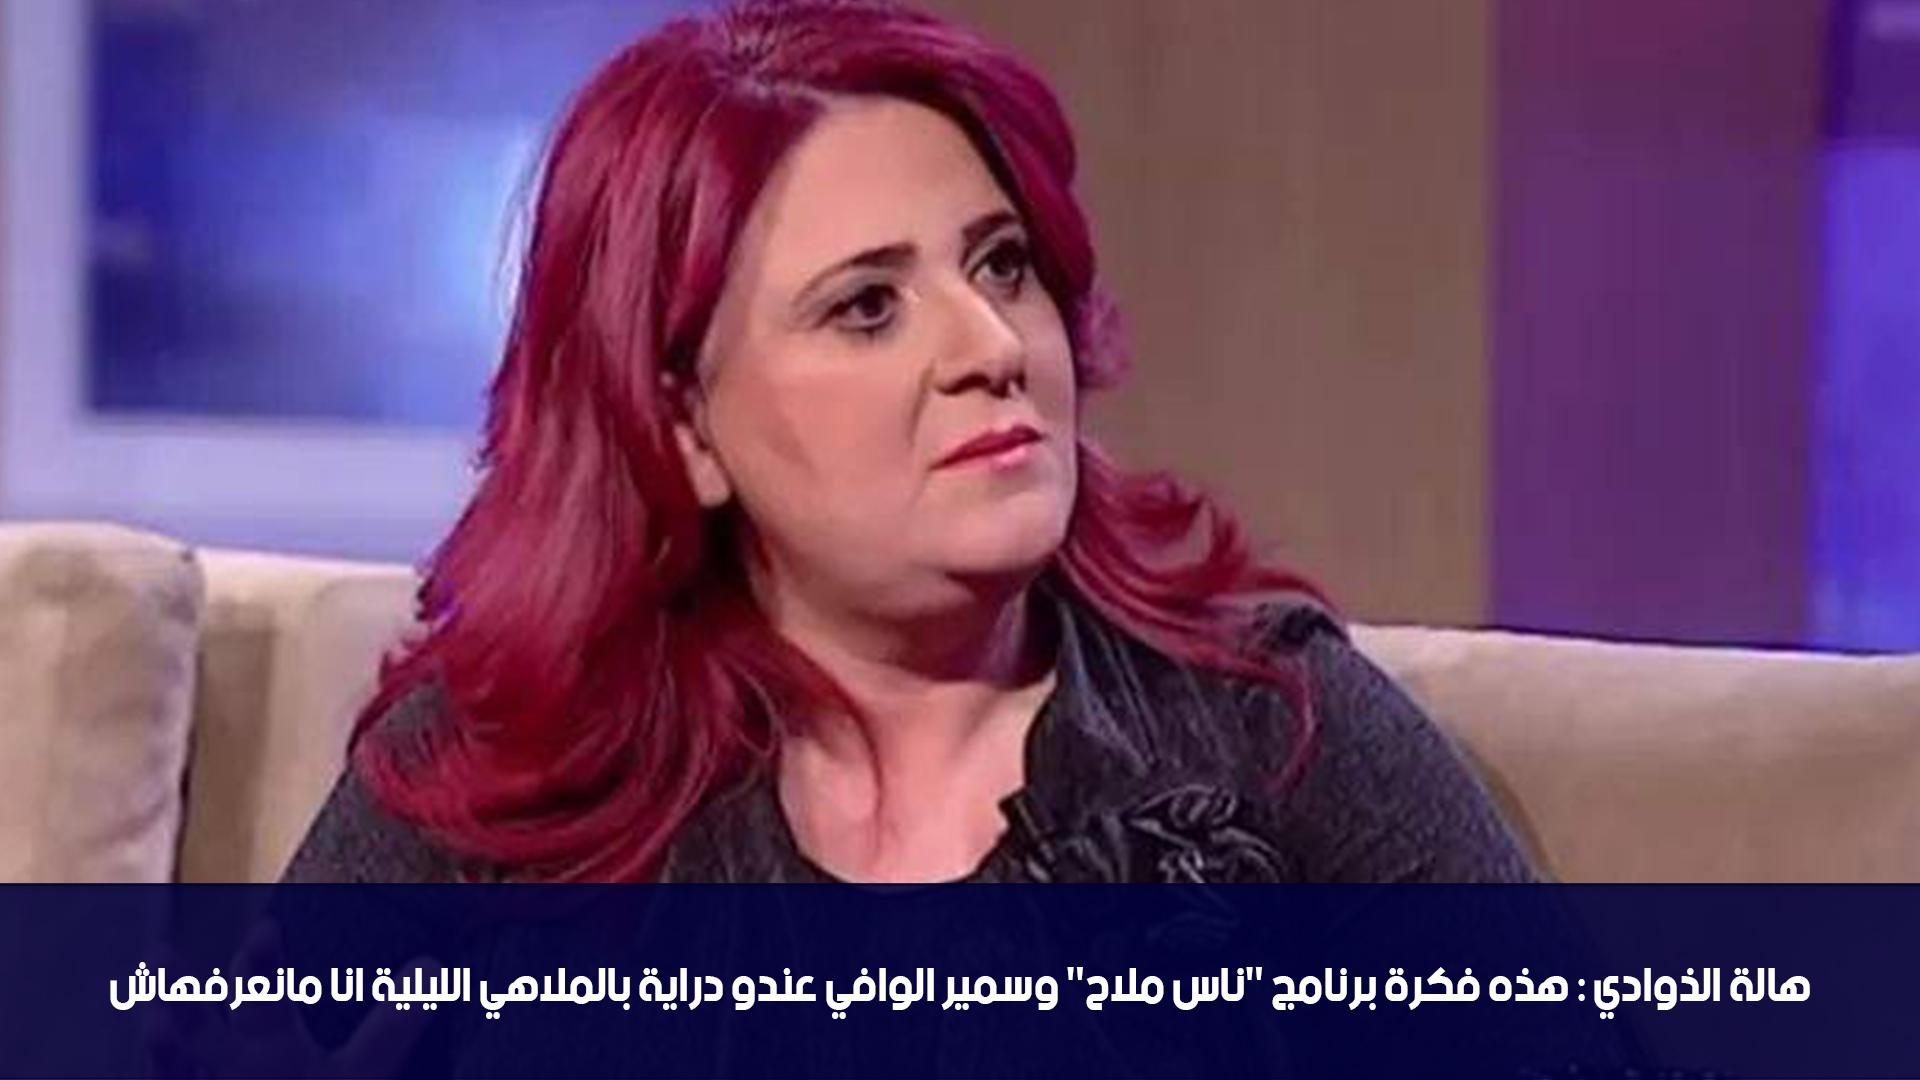 """هالة الذوادي:هذه فكرة برنامج """"ناس ملاح"""" وسمير الوافي عندو دراية بالملاهي الليلية انا مانعرفهاش"""